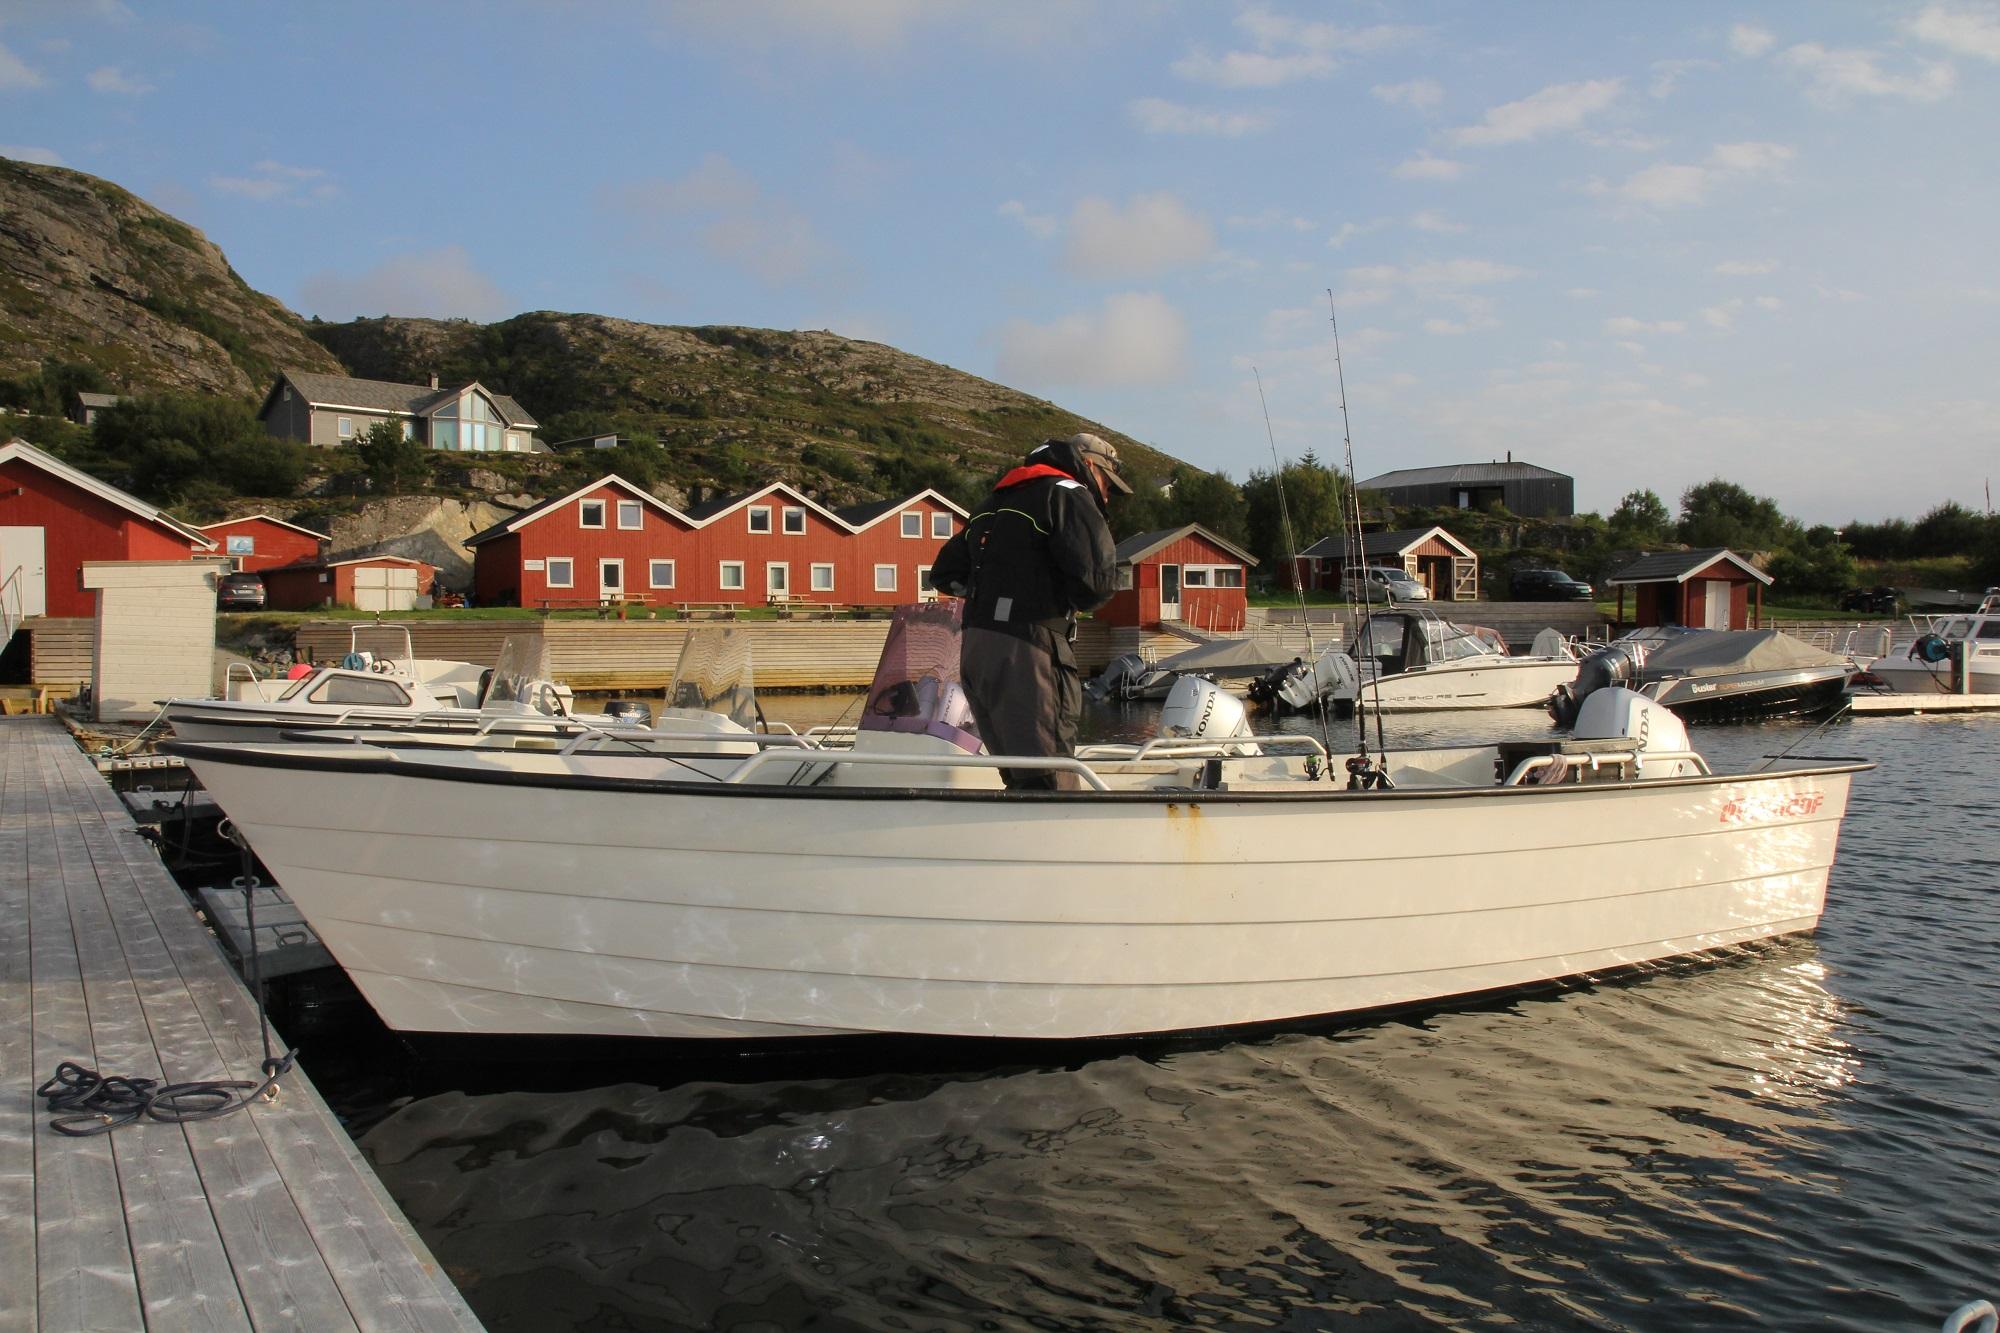 Bis zu 20 Fuß lange und 50 PS starke Øien-Boote liegen im Hafen vor den Ferienhäusern